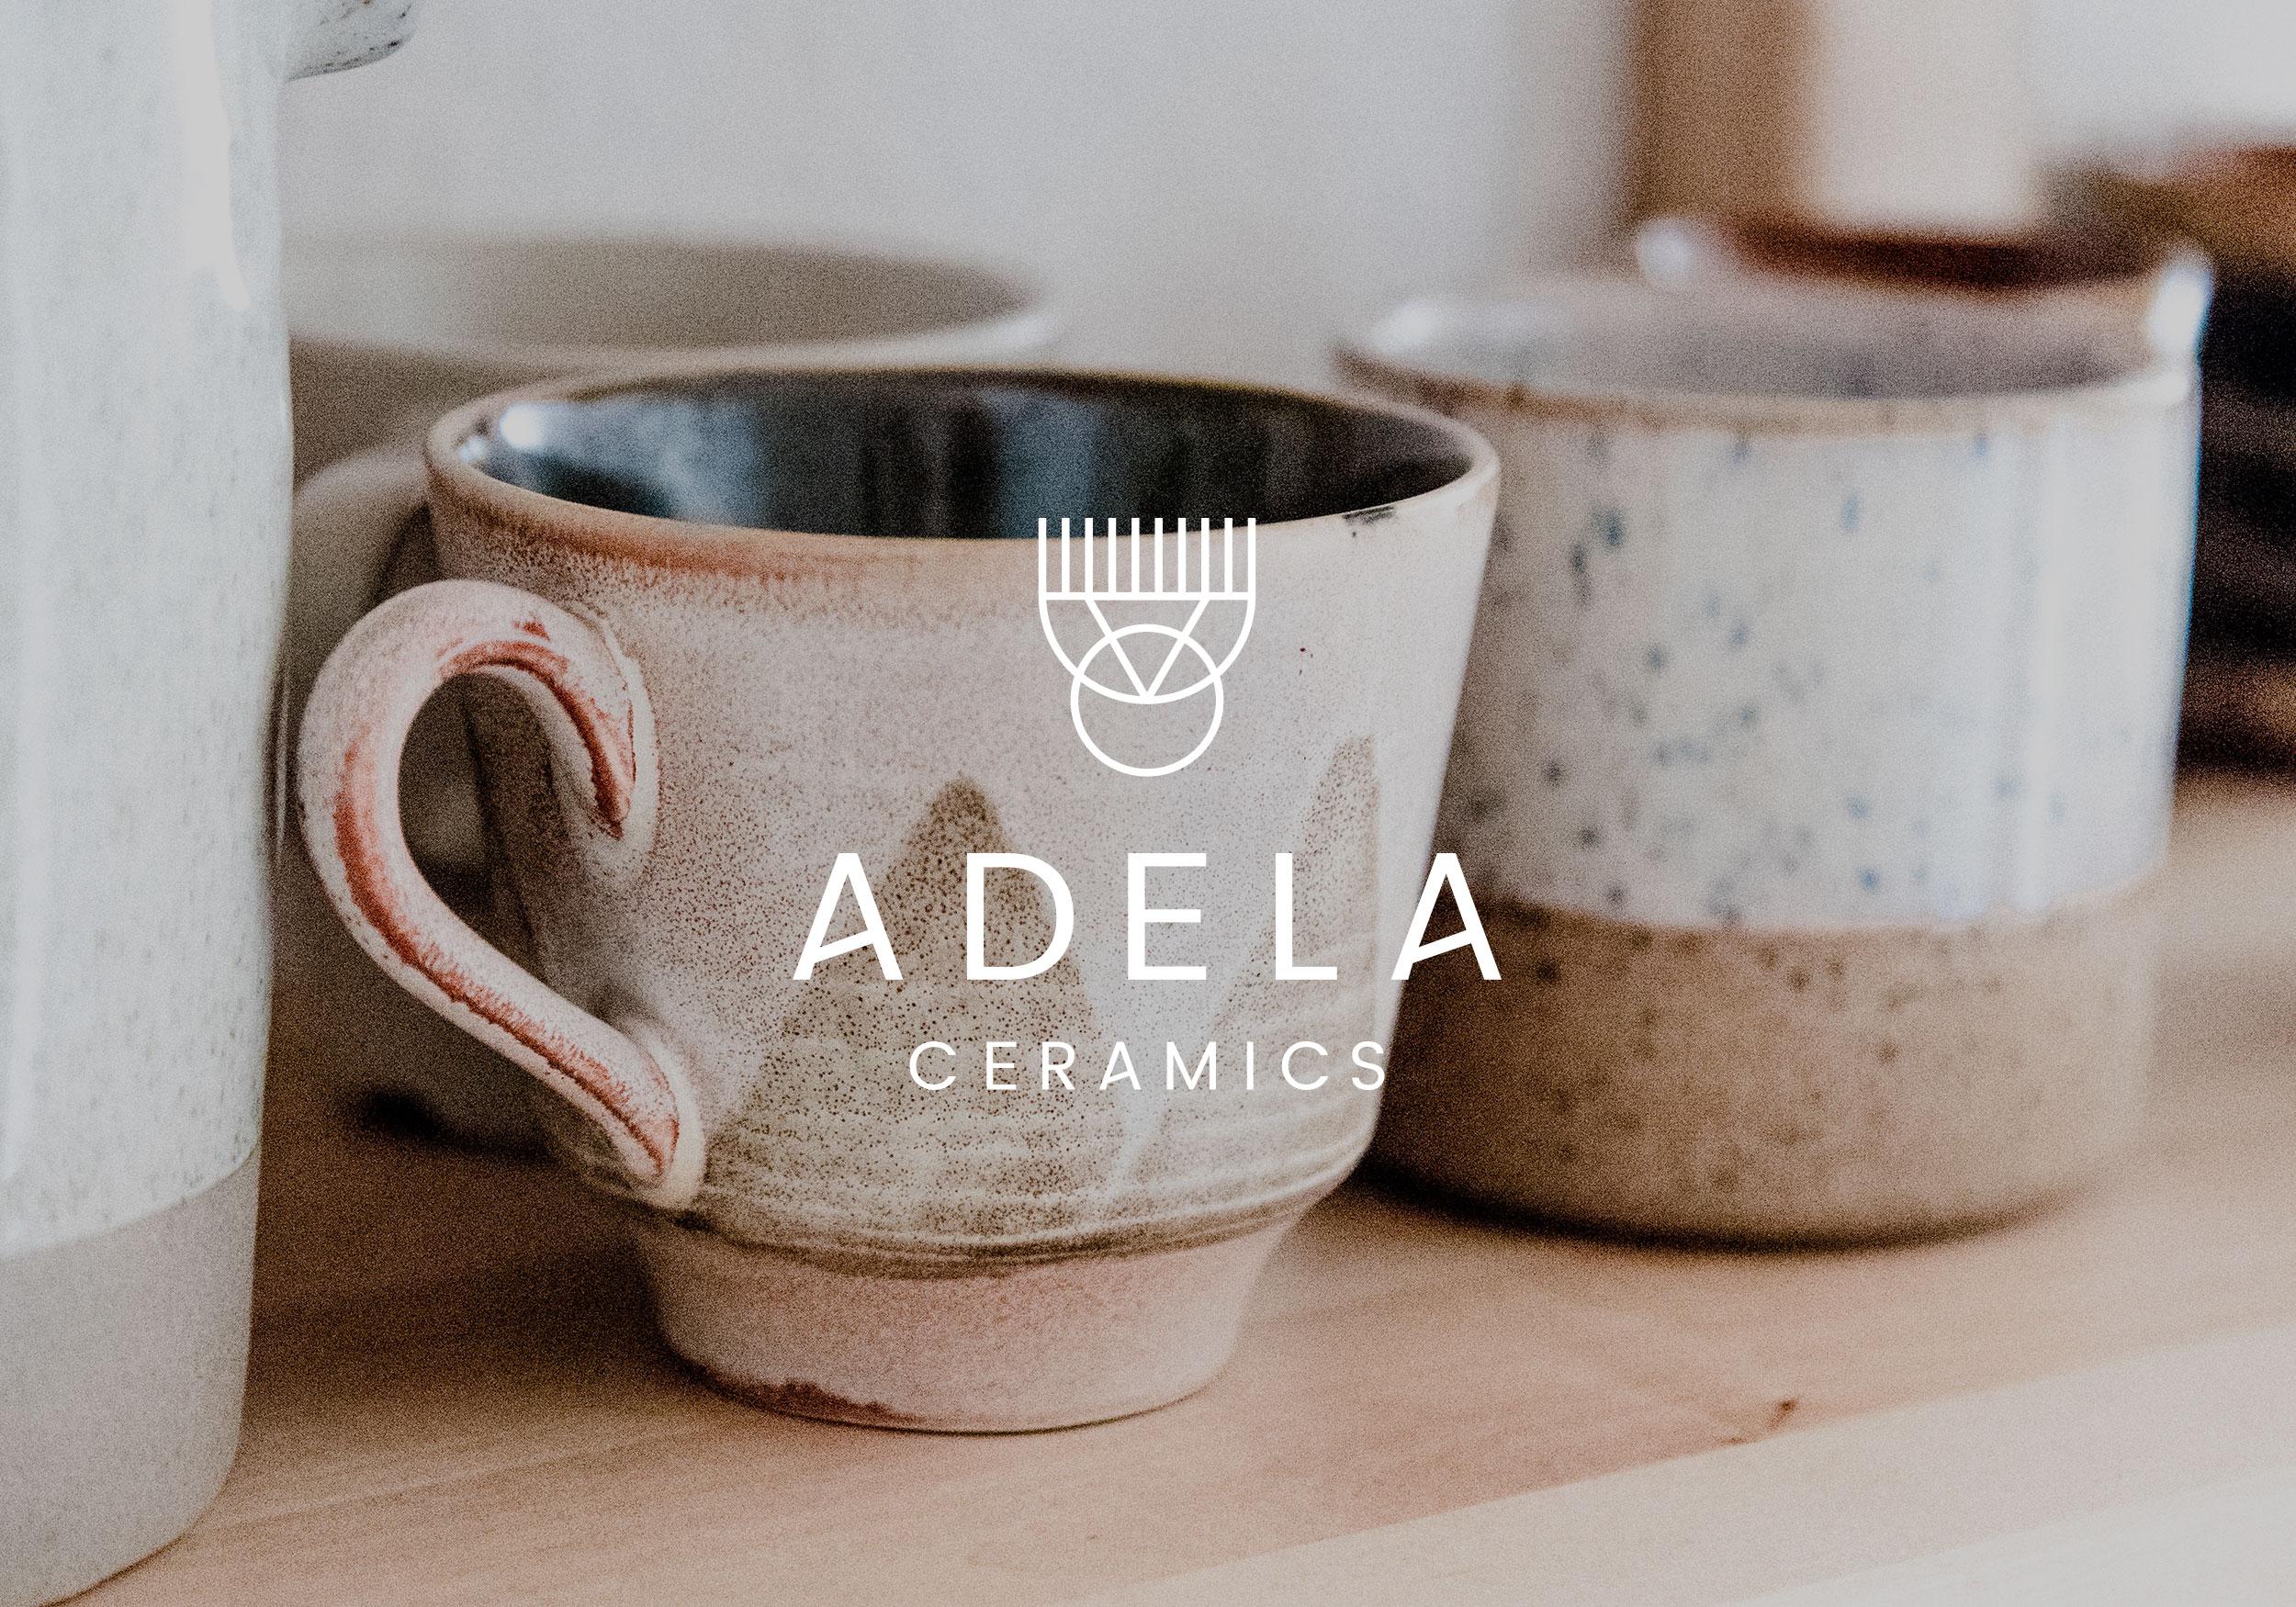 Adela Ceramics